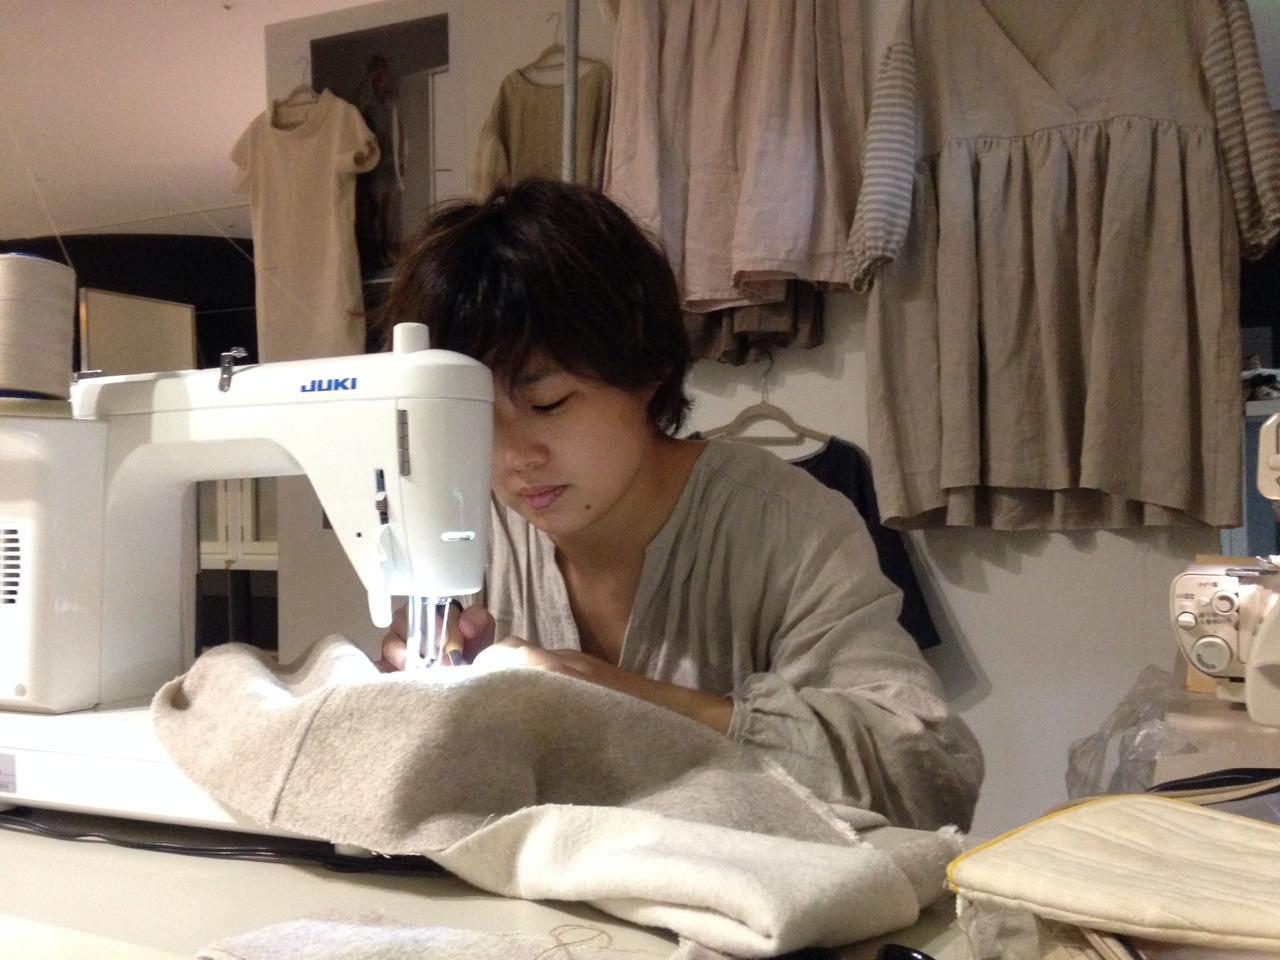 流しの洋裁人は2014年9月、京都造形芸術大学の学園祭ではじめて実施した。告知用のチラシ(上)。客の体の寸法を図りミシンで縫い上げる(中・下)。